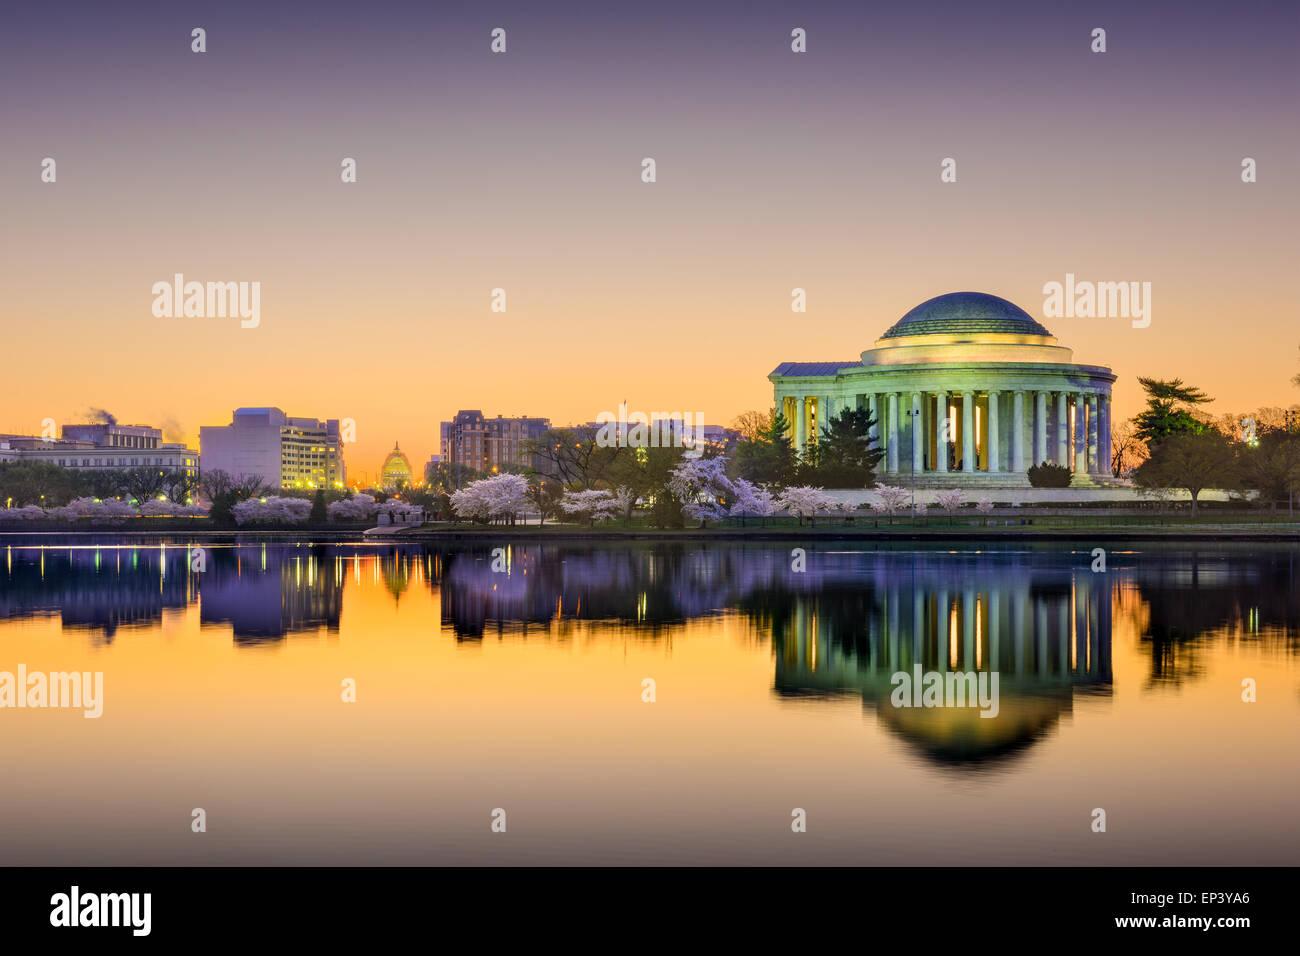 Washington, DC, en el Tidal Basin. Imagen De Stock